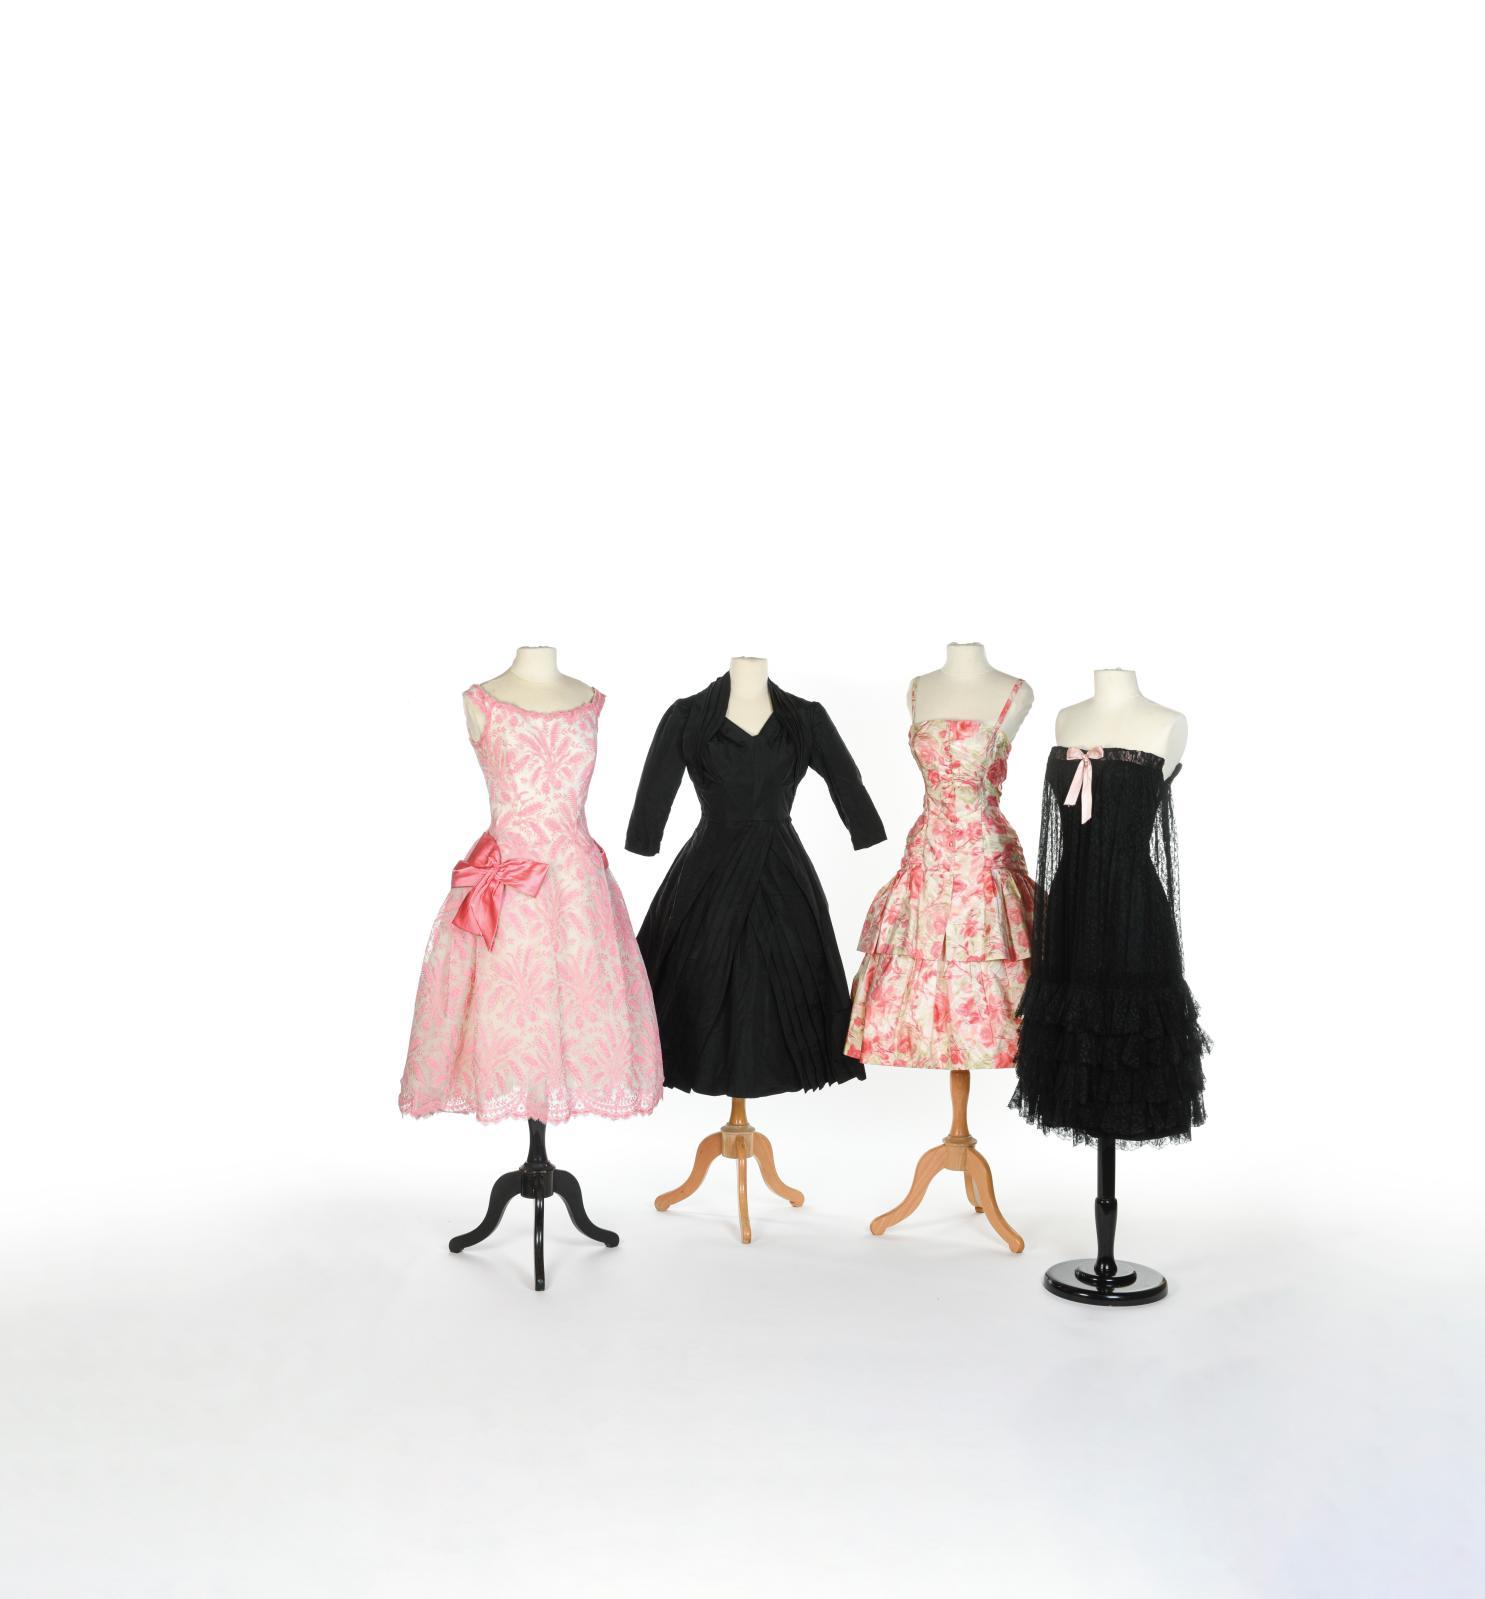 De gauche à droite : Jacques Heim,robe de bal en dentelle rose «Jeunes Filles»,vers1958,dentelle rose sur fond crème. Estimation: 800